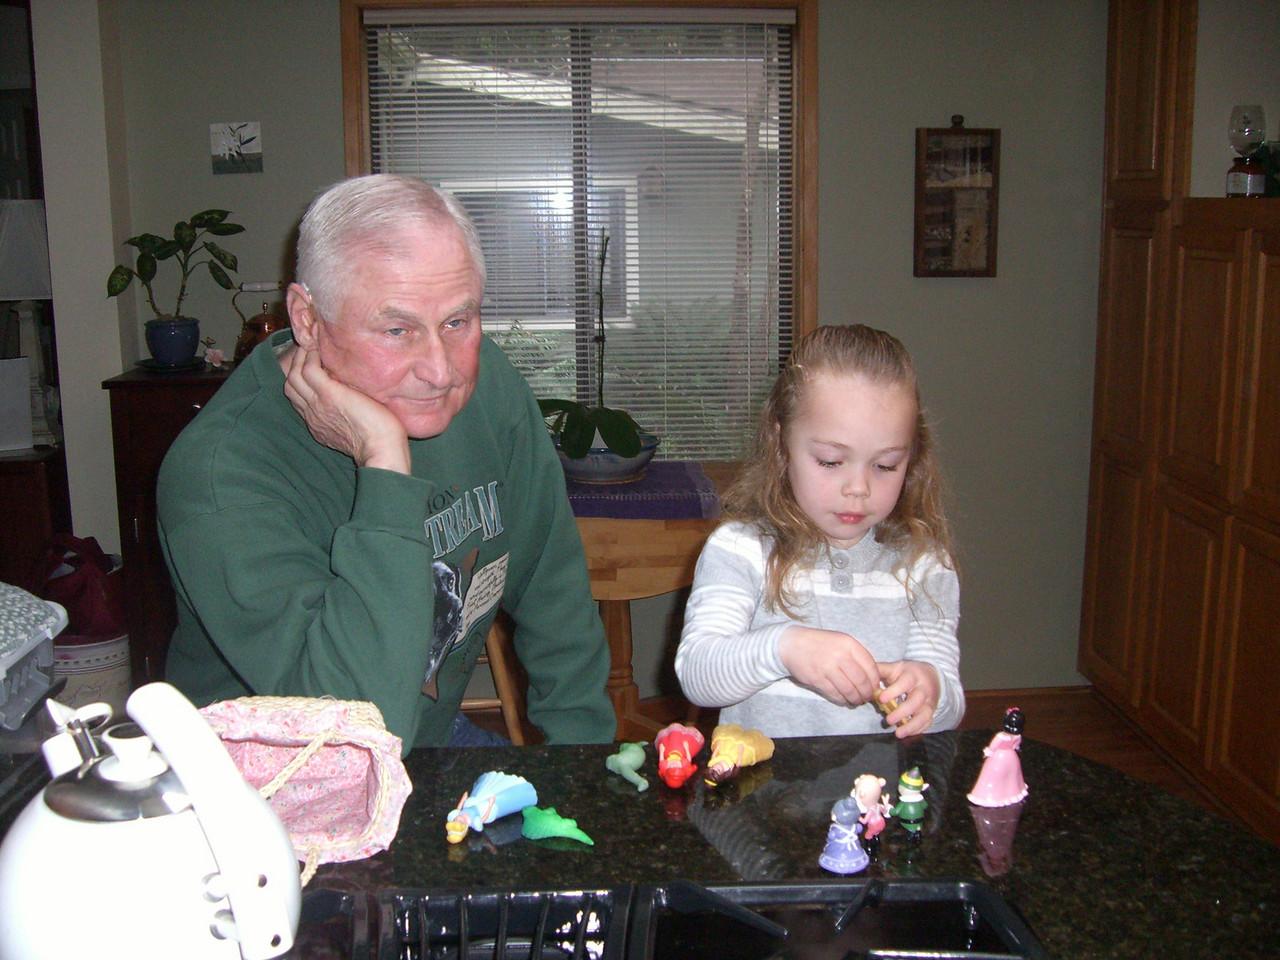 Thanksgiving '08 at Meemaw & Papa's